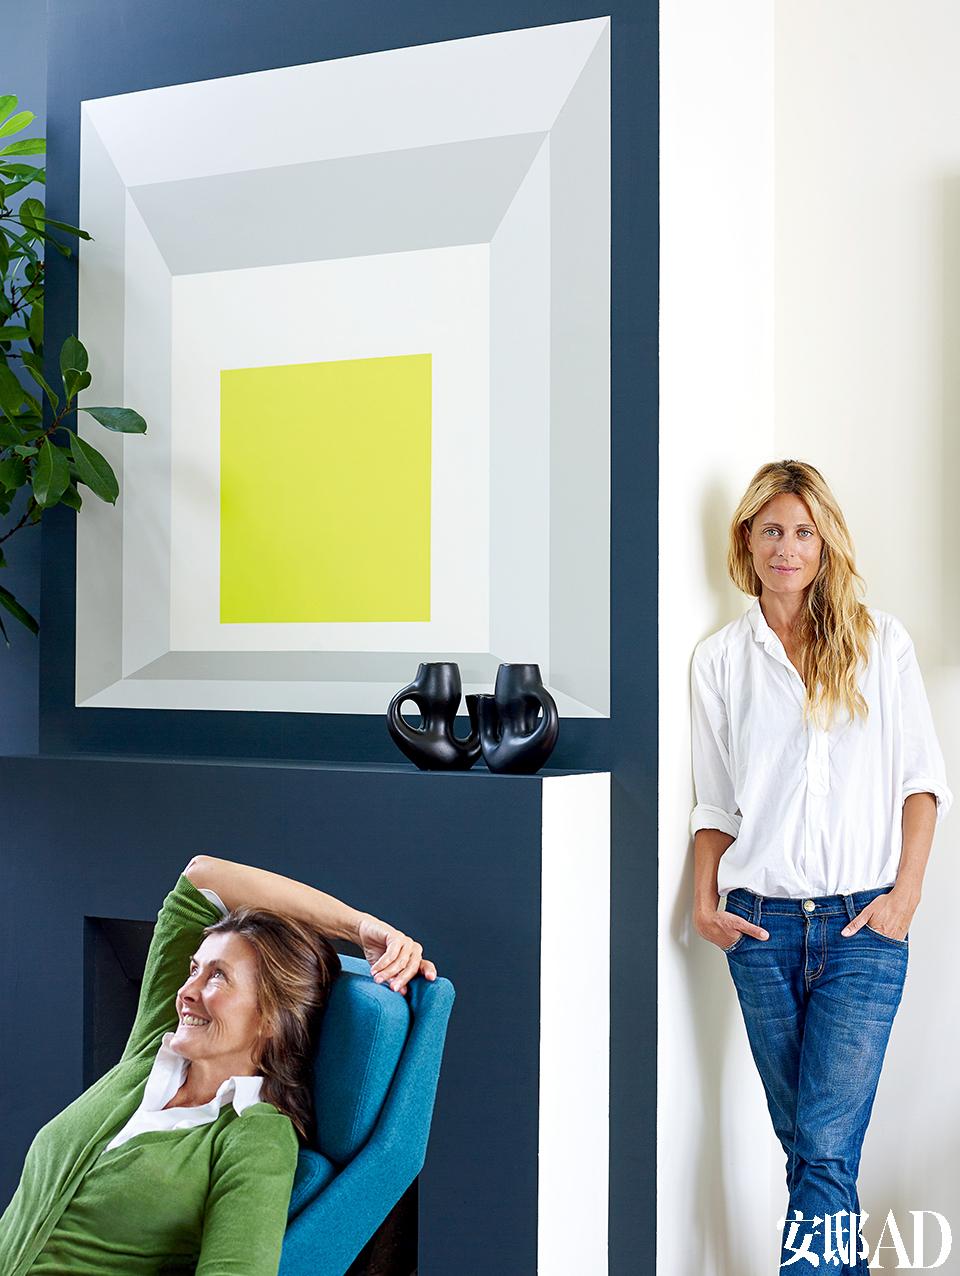 设计师Florence Lopez躺在椅子上,屋主Natacha Sénéchal则靠在壁炉旁。壁炉上方是Florence向美国抽象艺术家Josef Albers致敬的画作。 设计师: Florence Lopez(左),法国古董商兼室内设计师,出生于阿根廷,现居法国,时常游走于其位于巴黎的公寓兼古董买手店和位于波尔图的酒庄。她在室内设计领域不曾走过寻常之路,更因她对空间色彩的巧妙运用令人印象深刻。目前,她还在为一间纽约的阁楼、一栋香港海景别墅和柏林一座大型消防站进行室内设计工作。与此同时,她还与她的丈夫、建筑师Patrick Hernandez一起设计家居小物。www.florencelopez.com